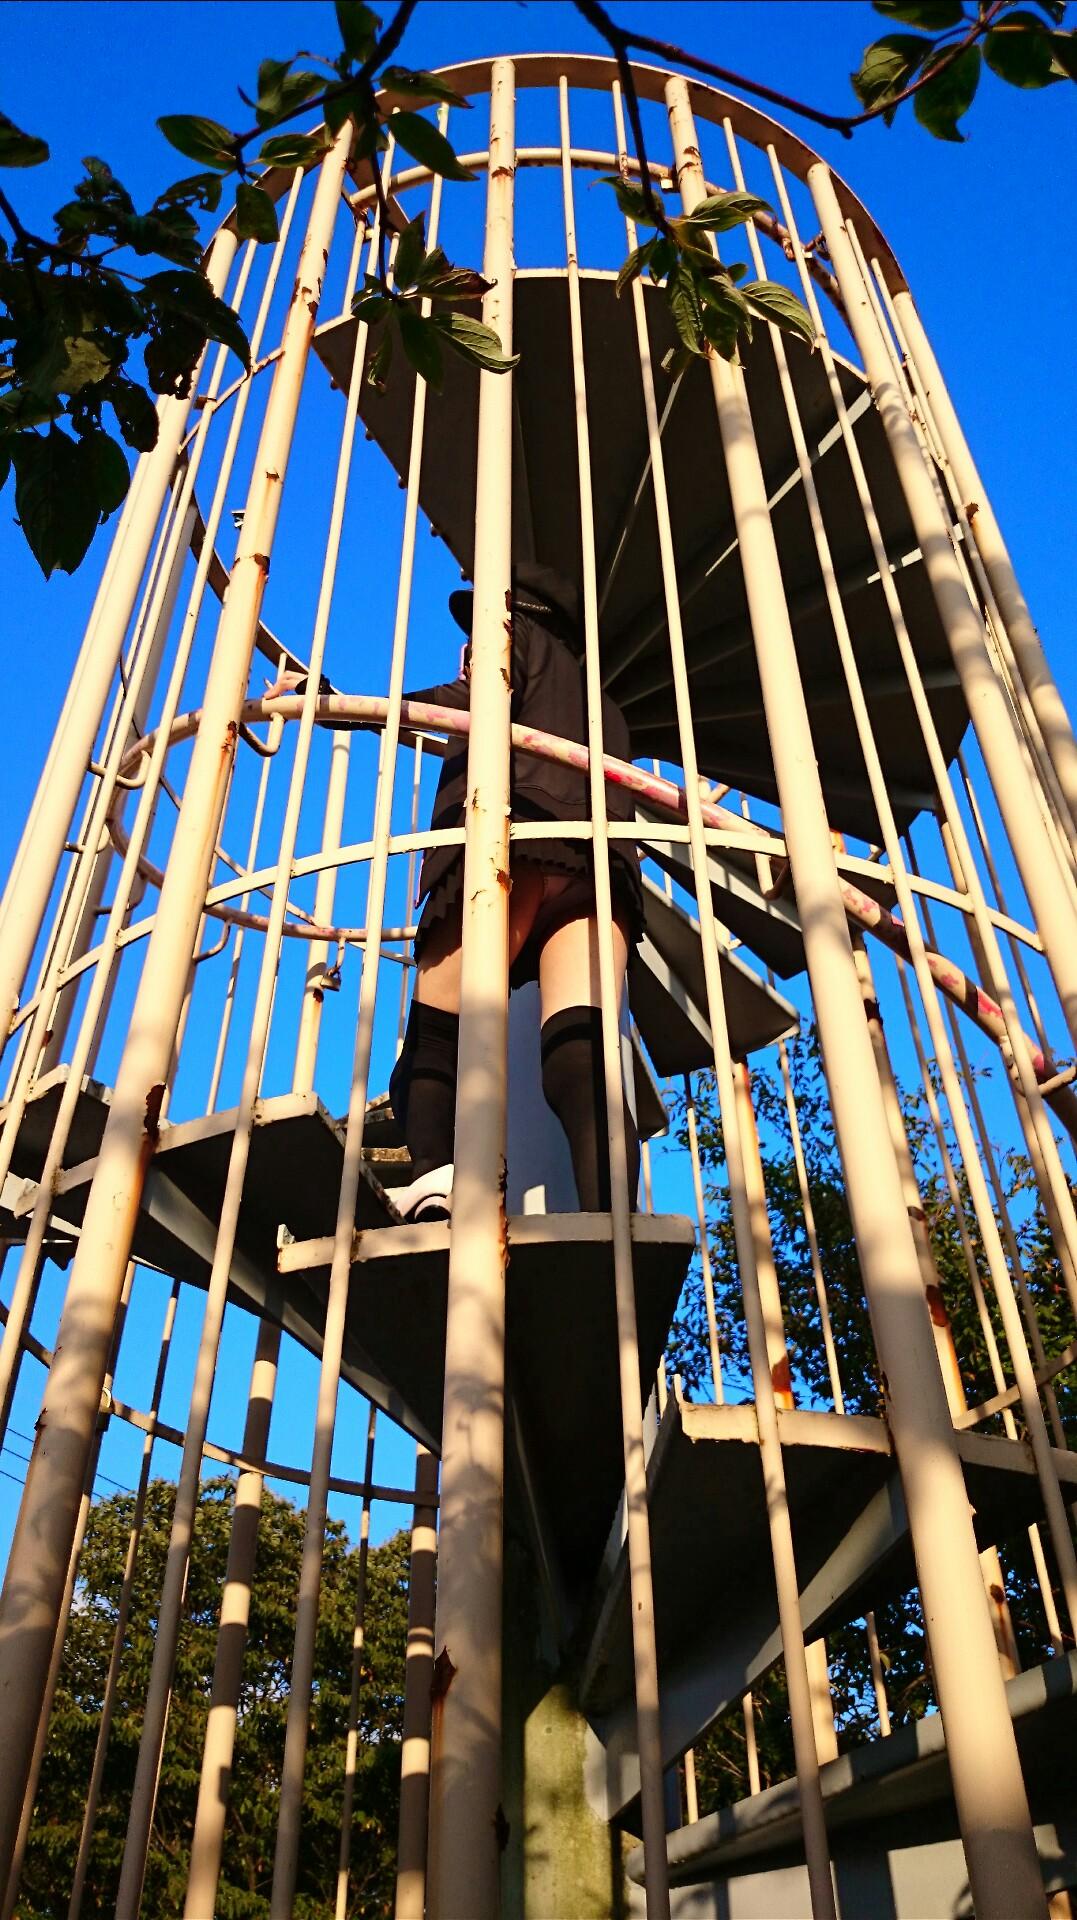 【パンチラエロ画像】見えそうなミニスカが上なら下に回り込む一択!鼻息荒げてローアングルパンチラ激写www 09